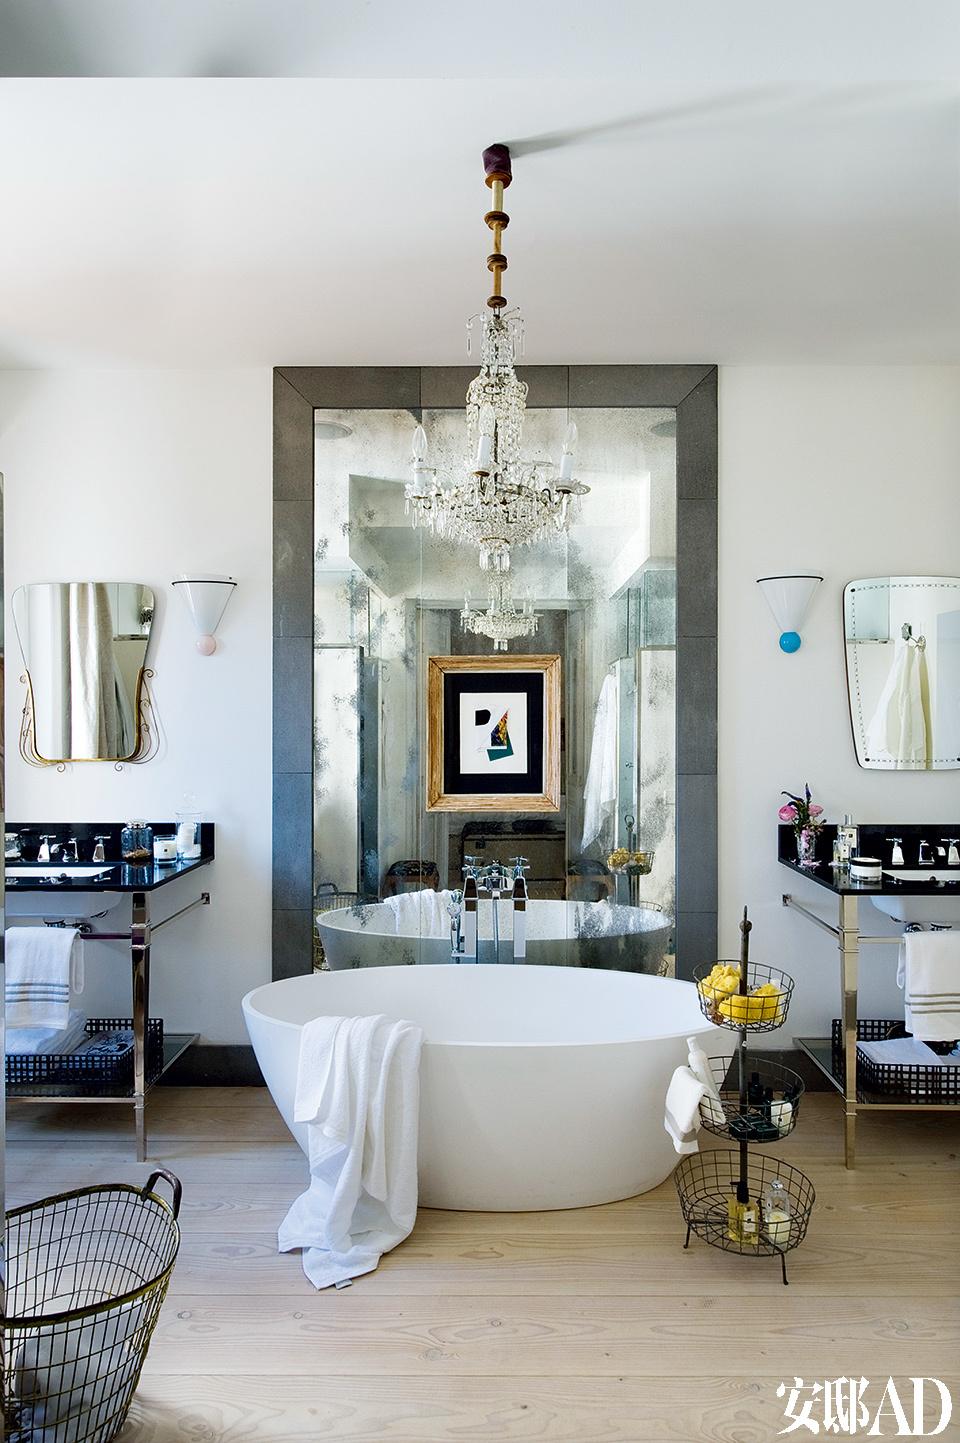 浴室的光线美极了,位于正中的白色大浴缸说尽了女人对自己的宠爱!浴室的正中放着一个来自Hidrobox的大浴缸。在Candelabro购买的Gerardo Rueda的拼贴画和在Youtopia购买的上世纪50年代的镜子就在浴缸身后。女主人自己设计的盥洗台和来自Olofane的蛋白色玻璃壁灯则分布在浴缸两边。天花板上挂的是来自Agurcho Iruretagoyena的吊灯。